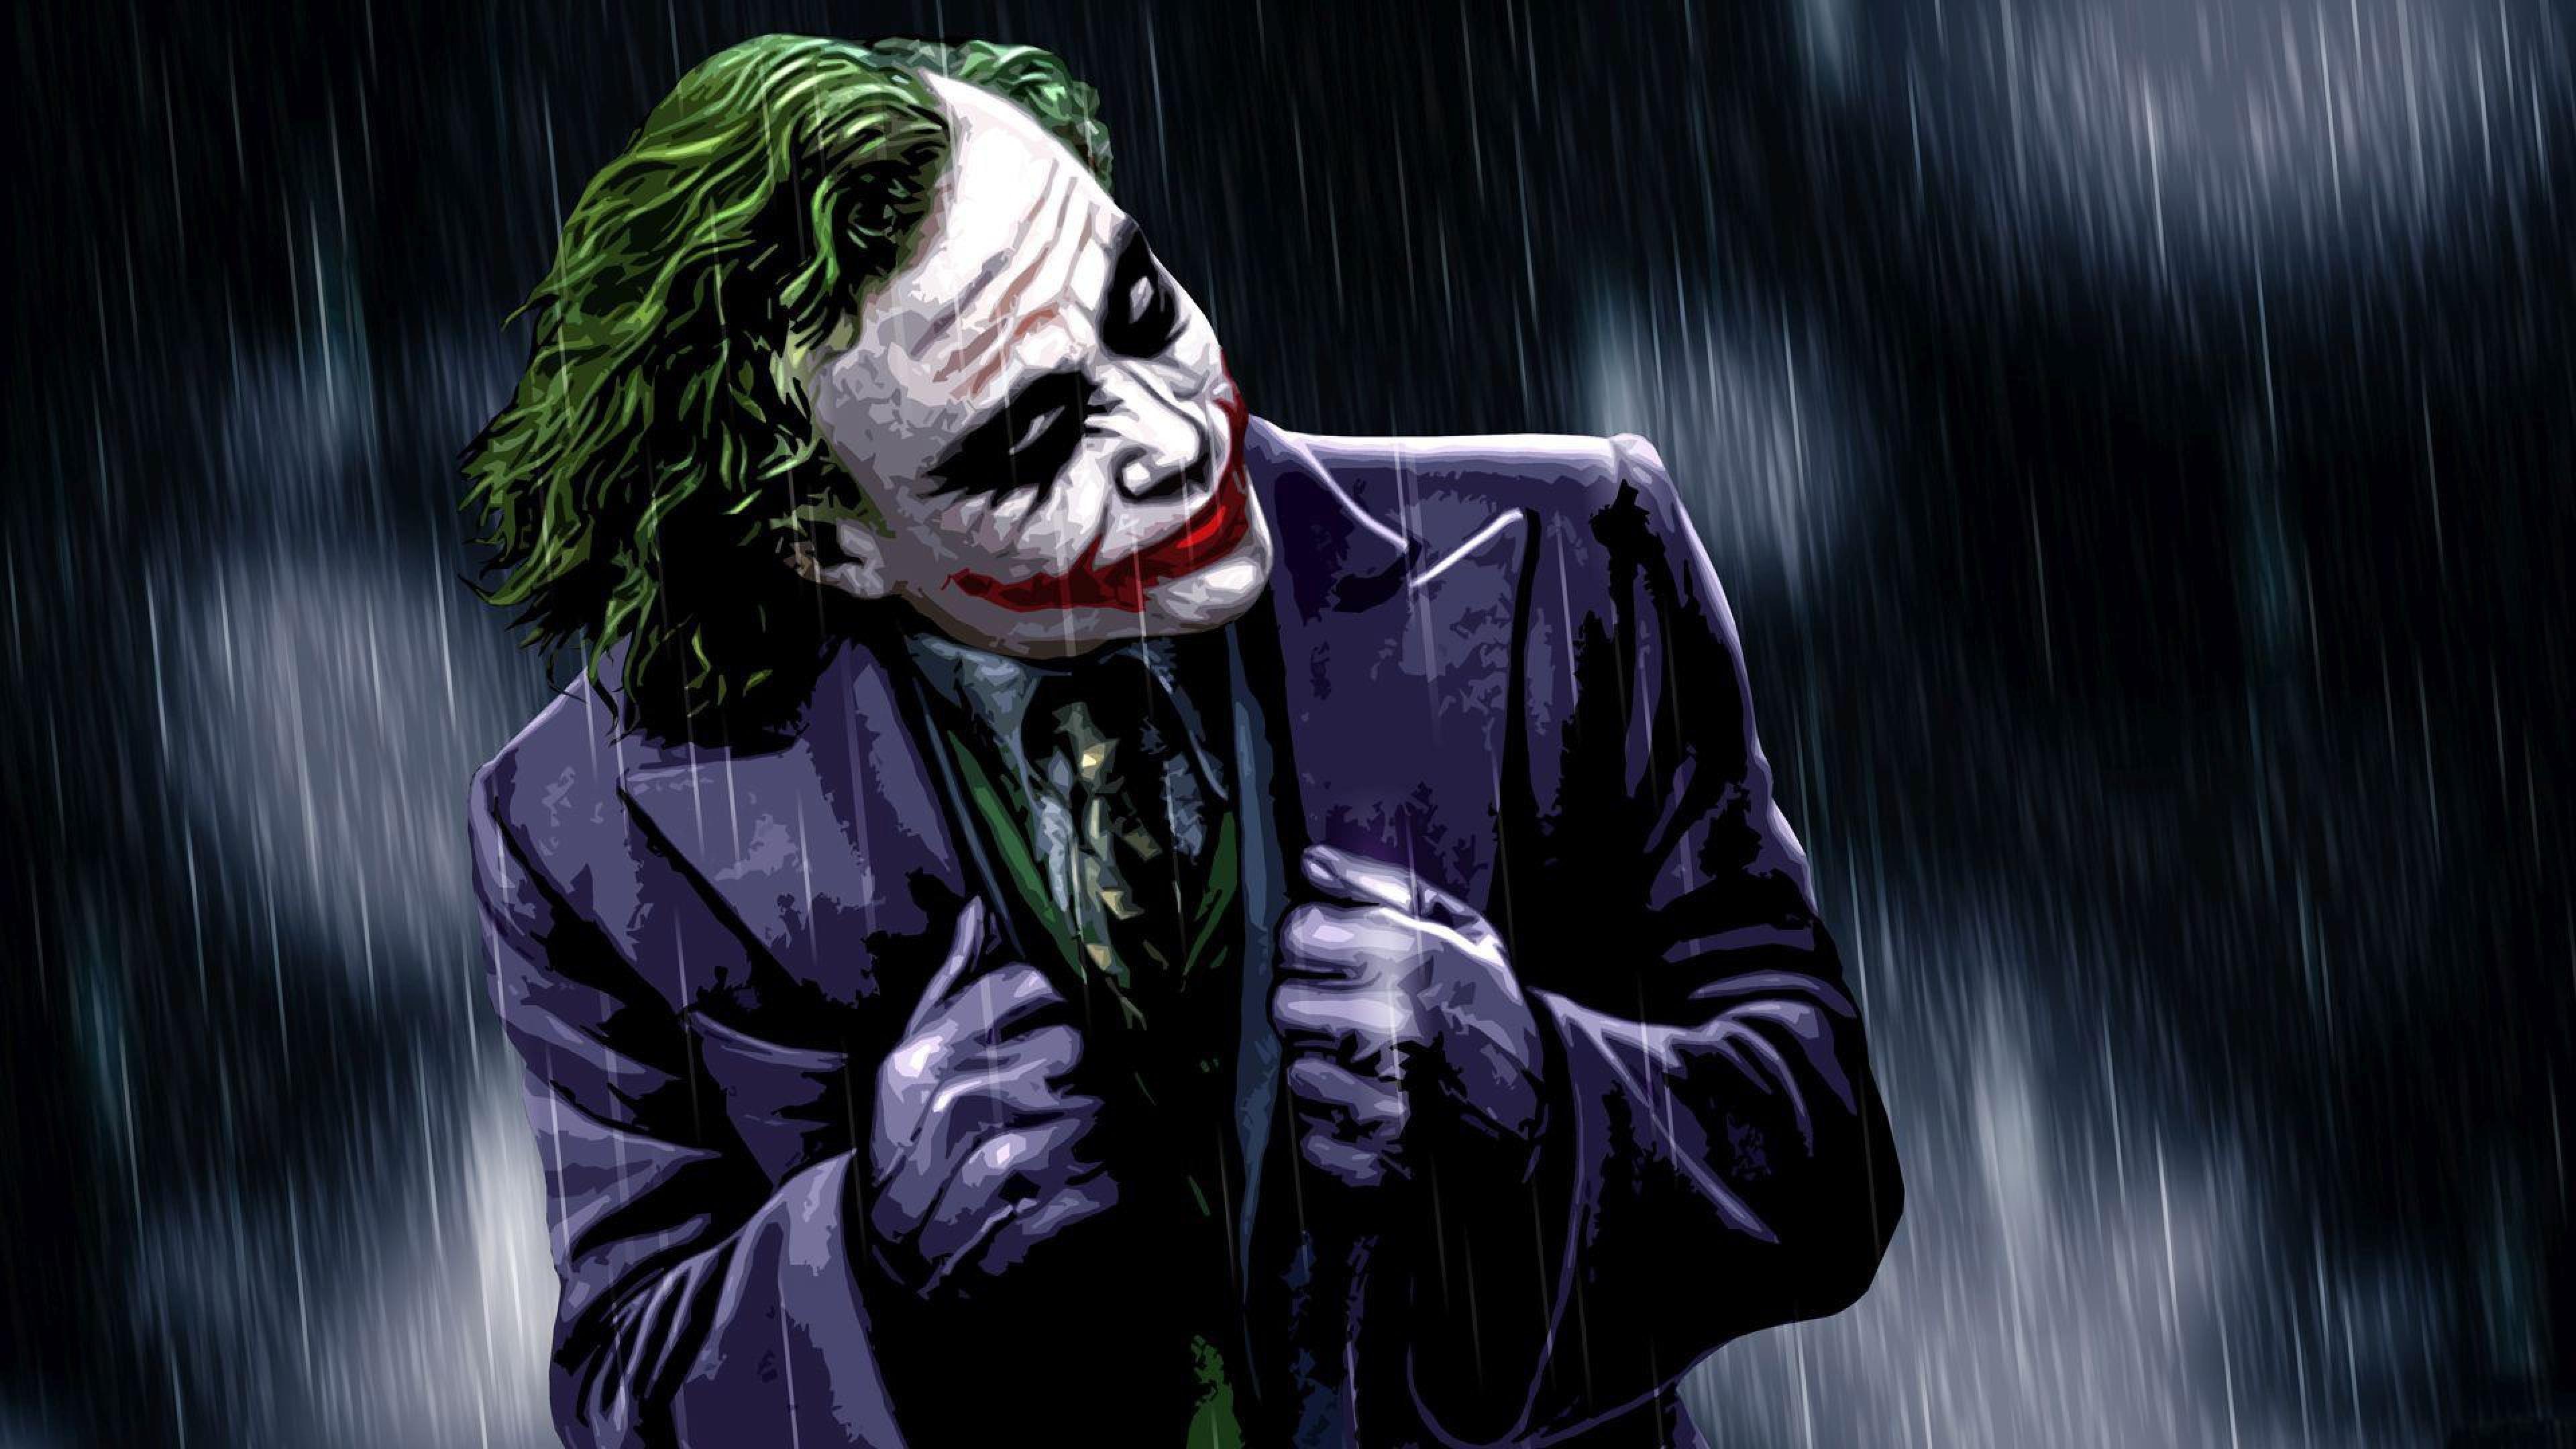 Joker 1080p wallpapers | Resim | Resimleri | Foto ...